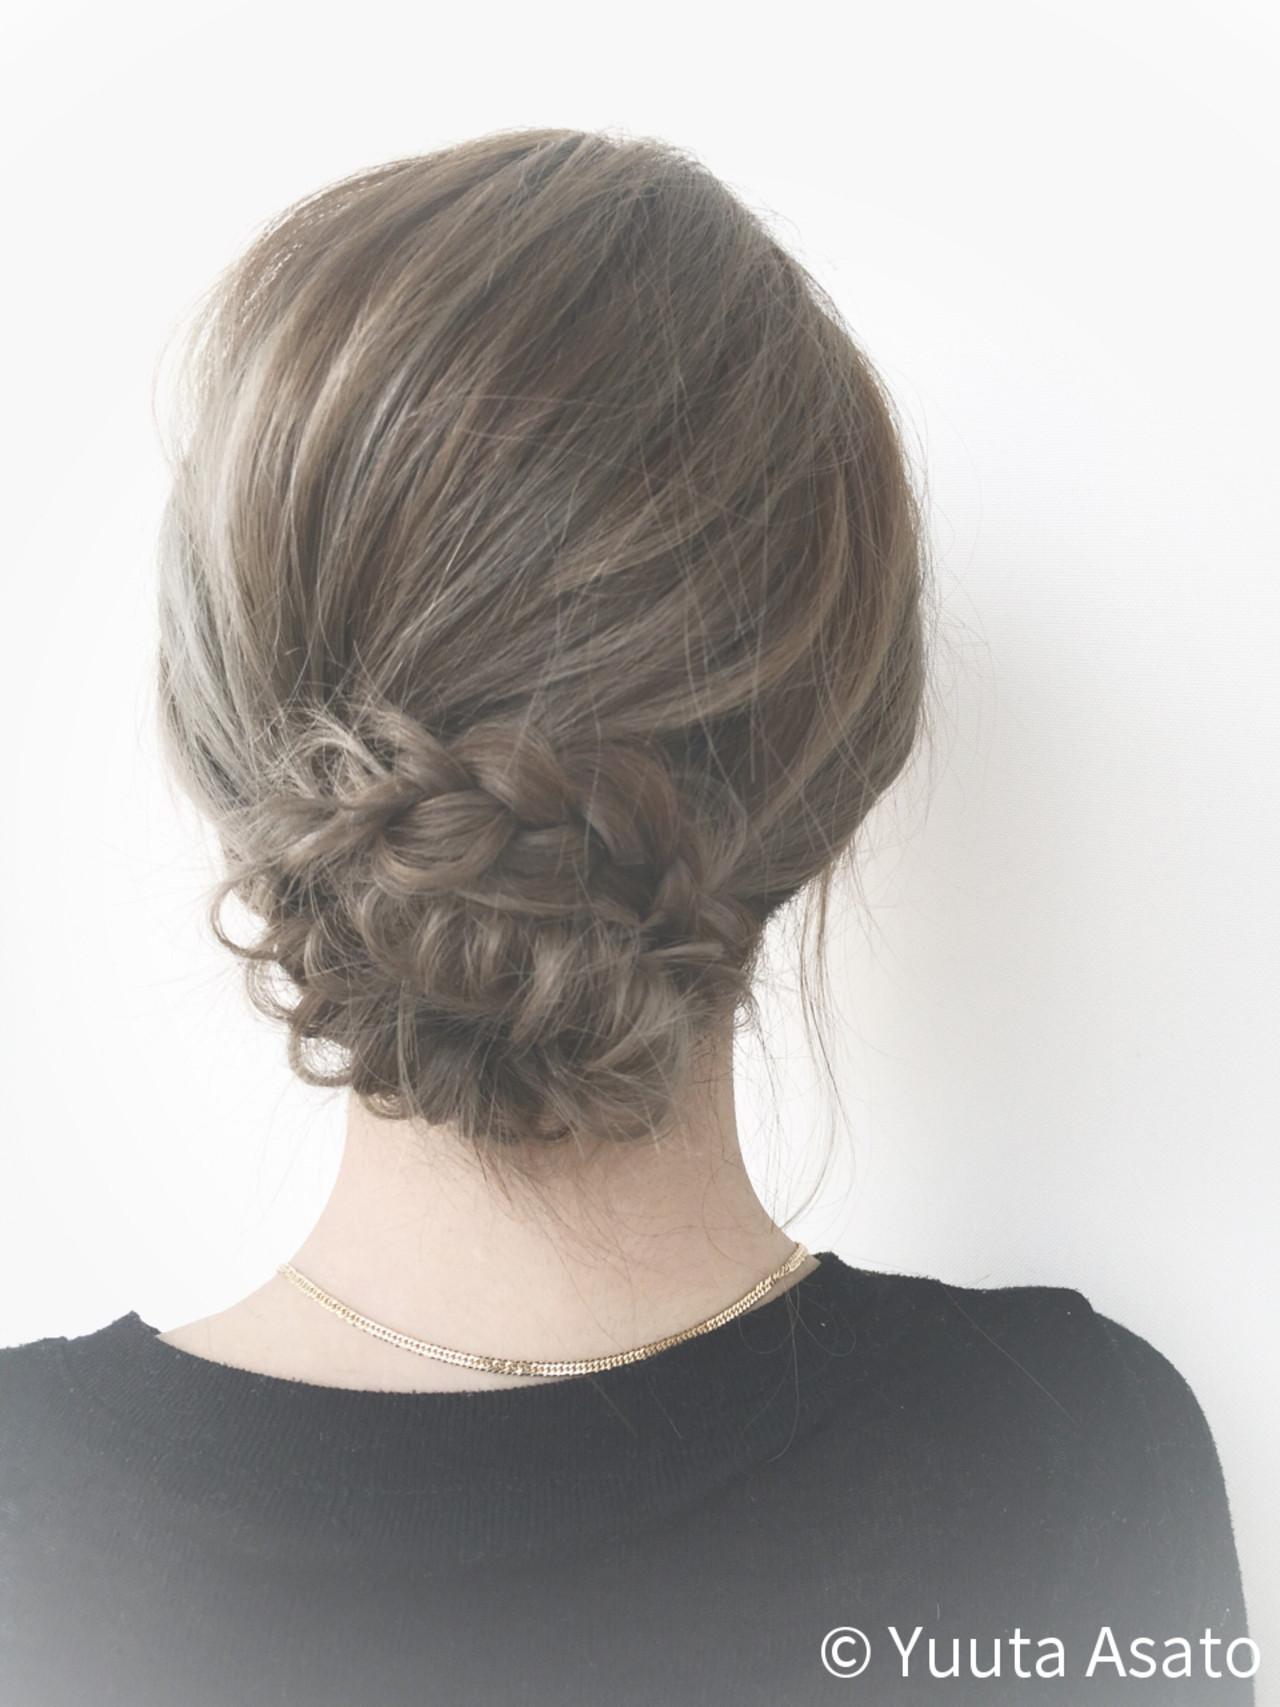 フィッシュボーン ショート 外国人風 編み込み ヘアスタイルや髪型の写真・画像